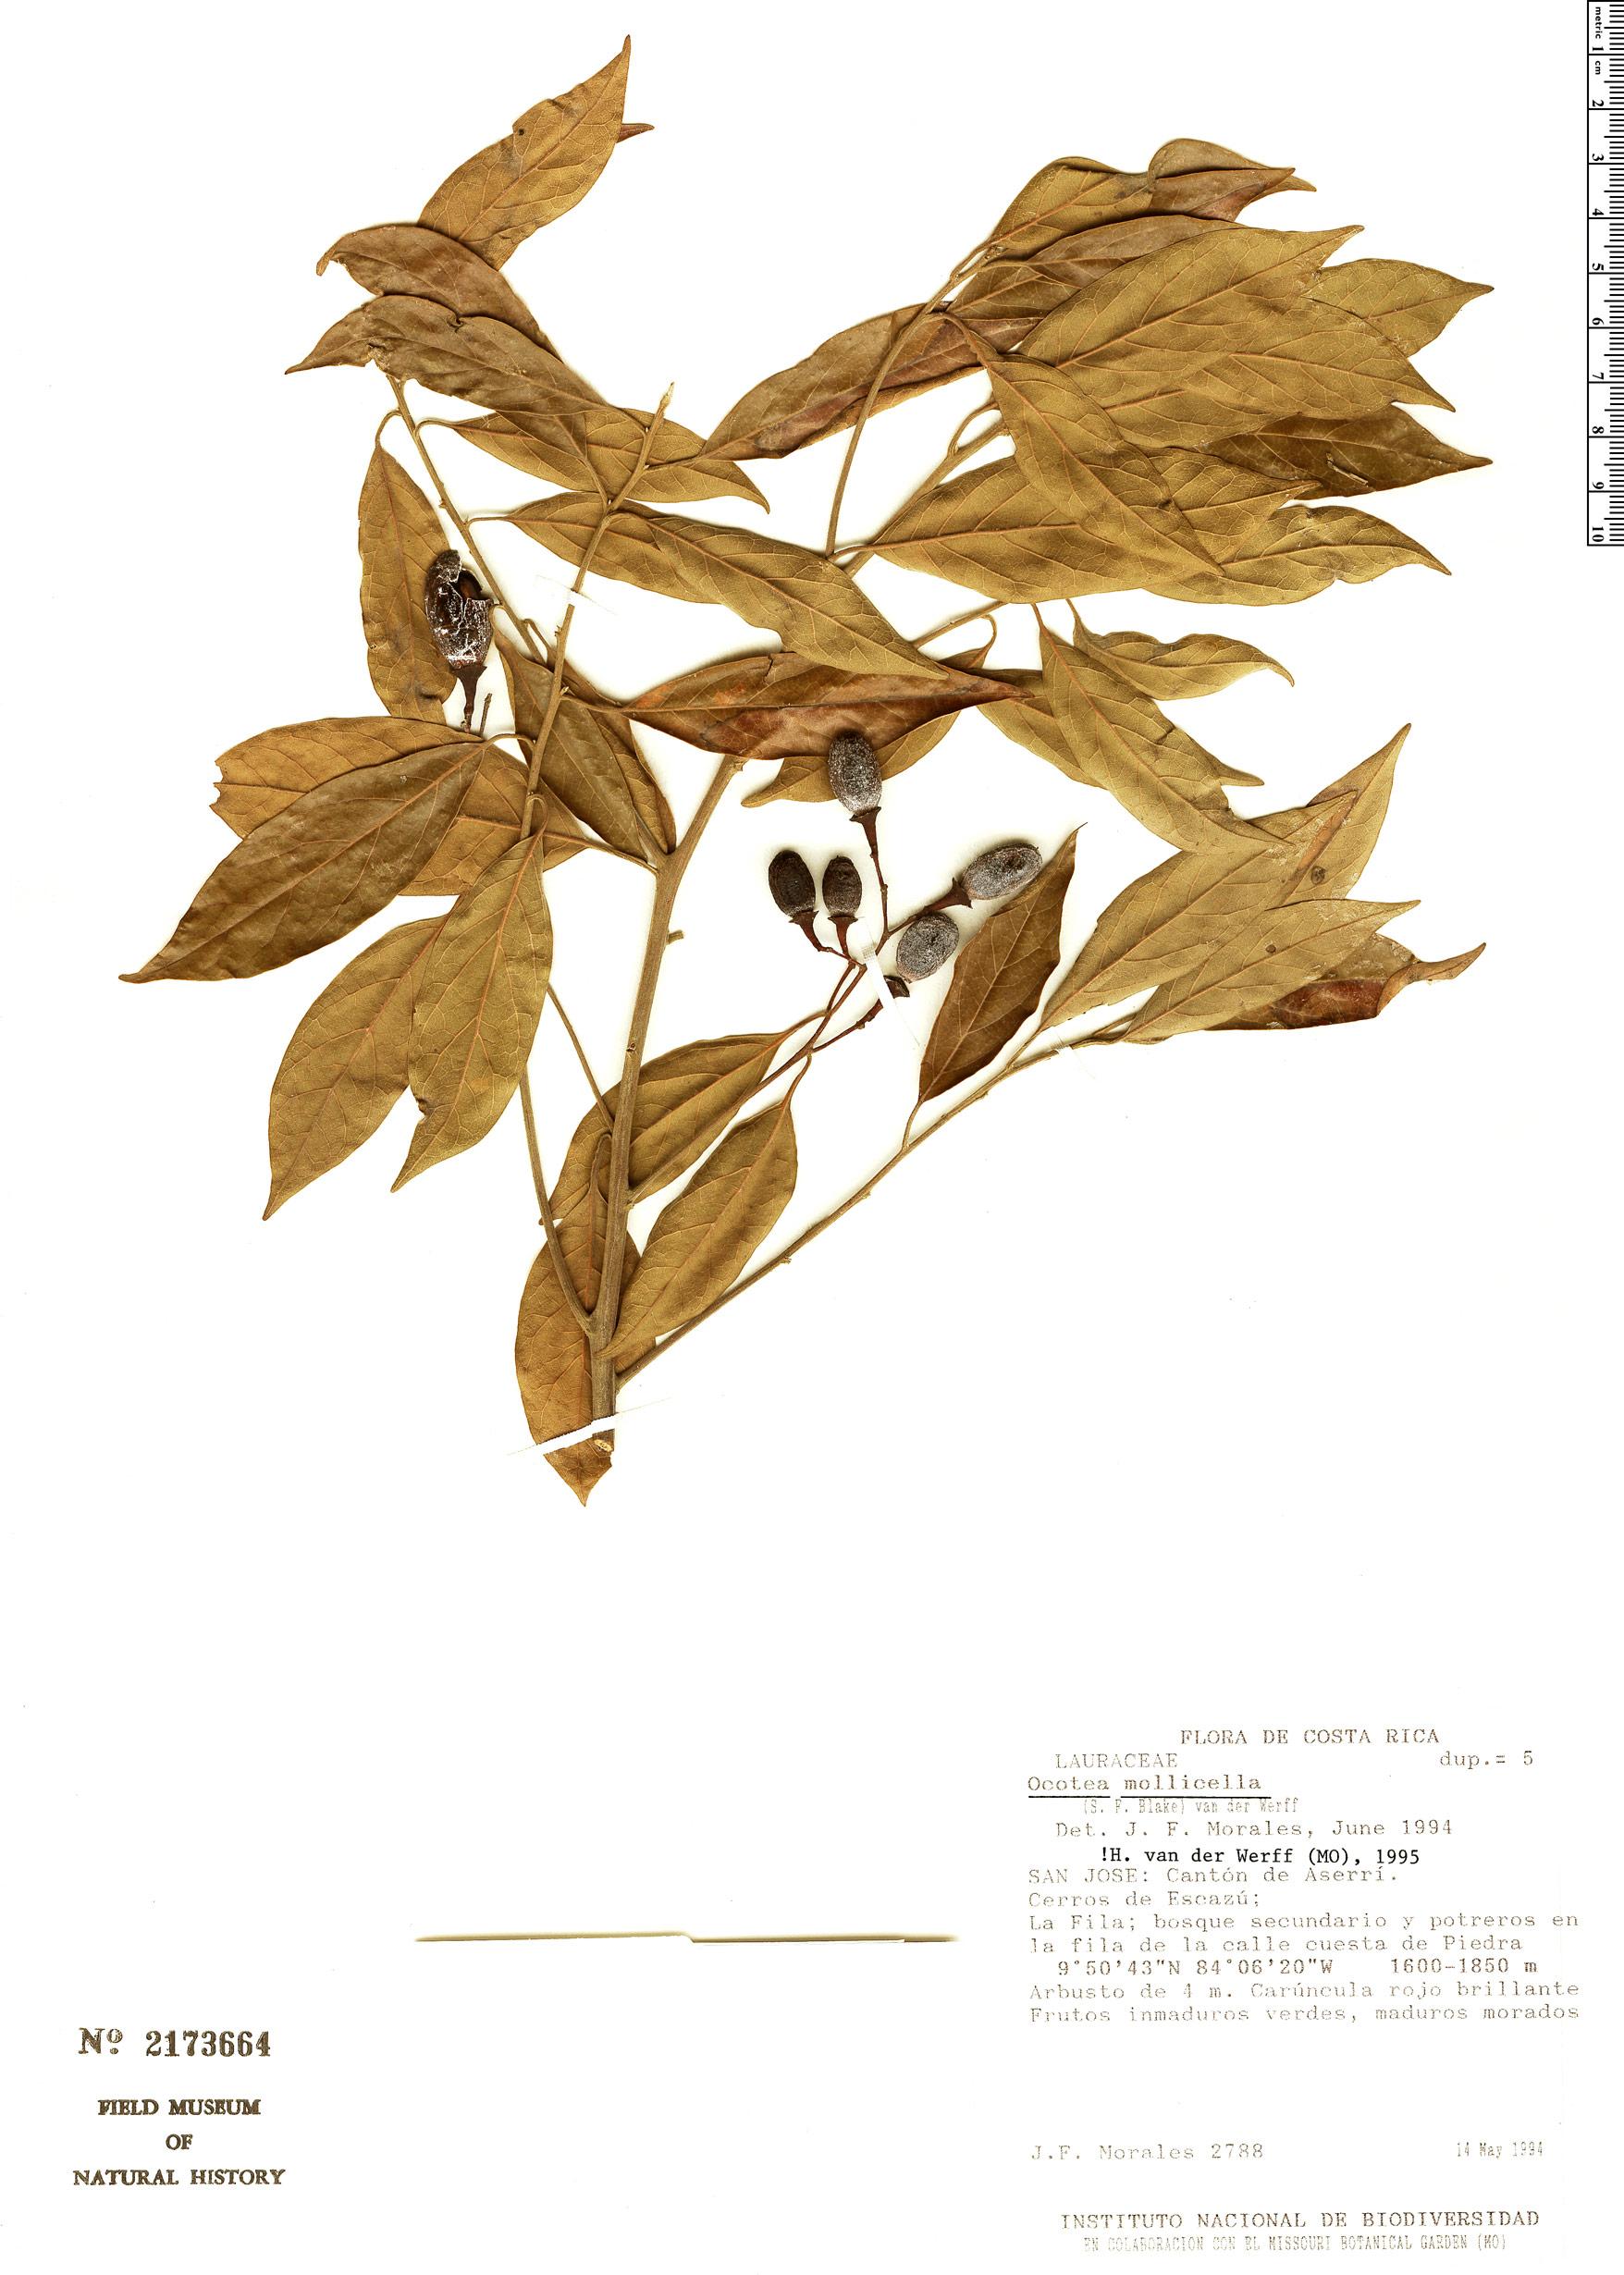 Espécime: Ocotea mollicella